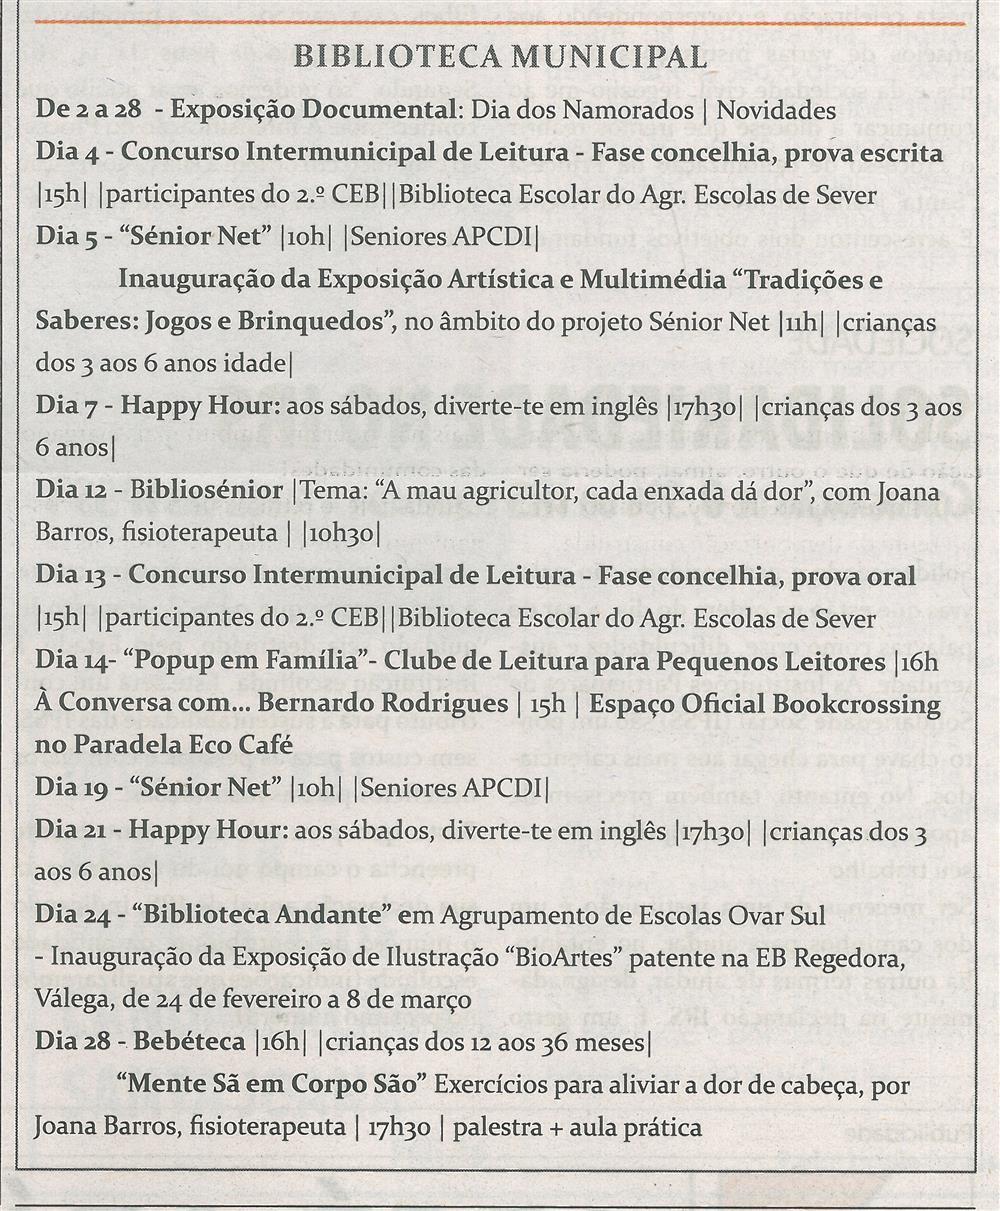 TV-fev.'15-p.15-Cultura : fevereiro : Biblioteca Municipal.jpg